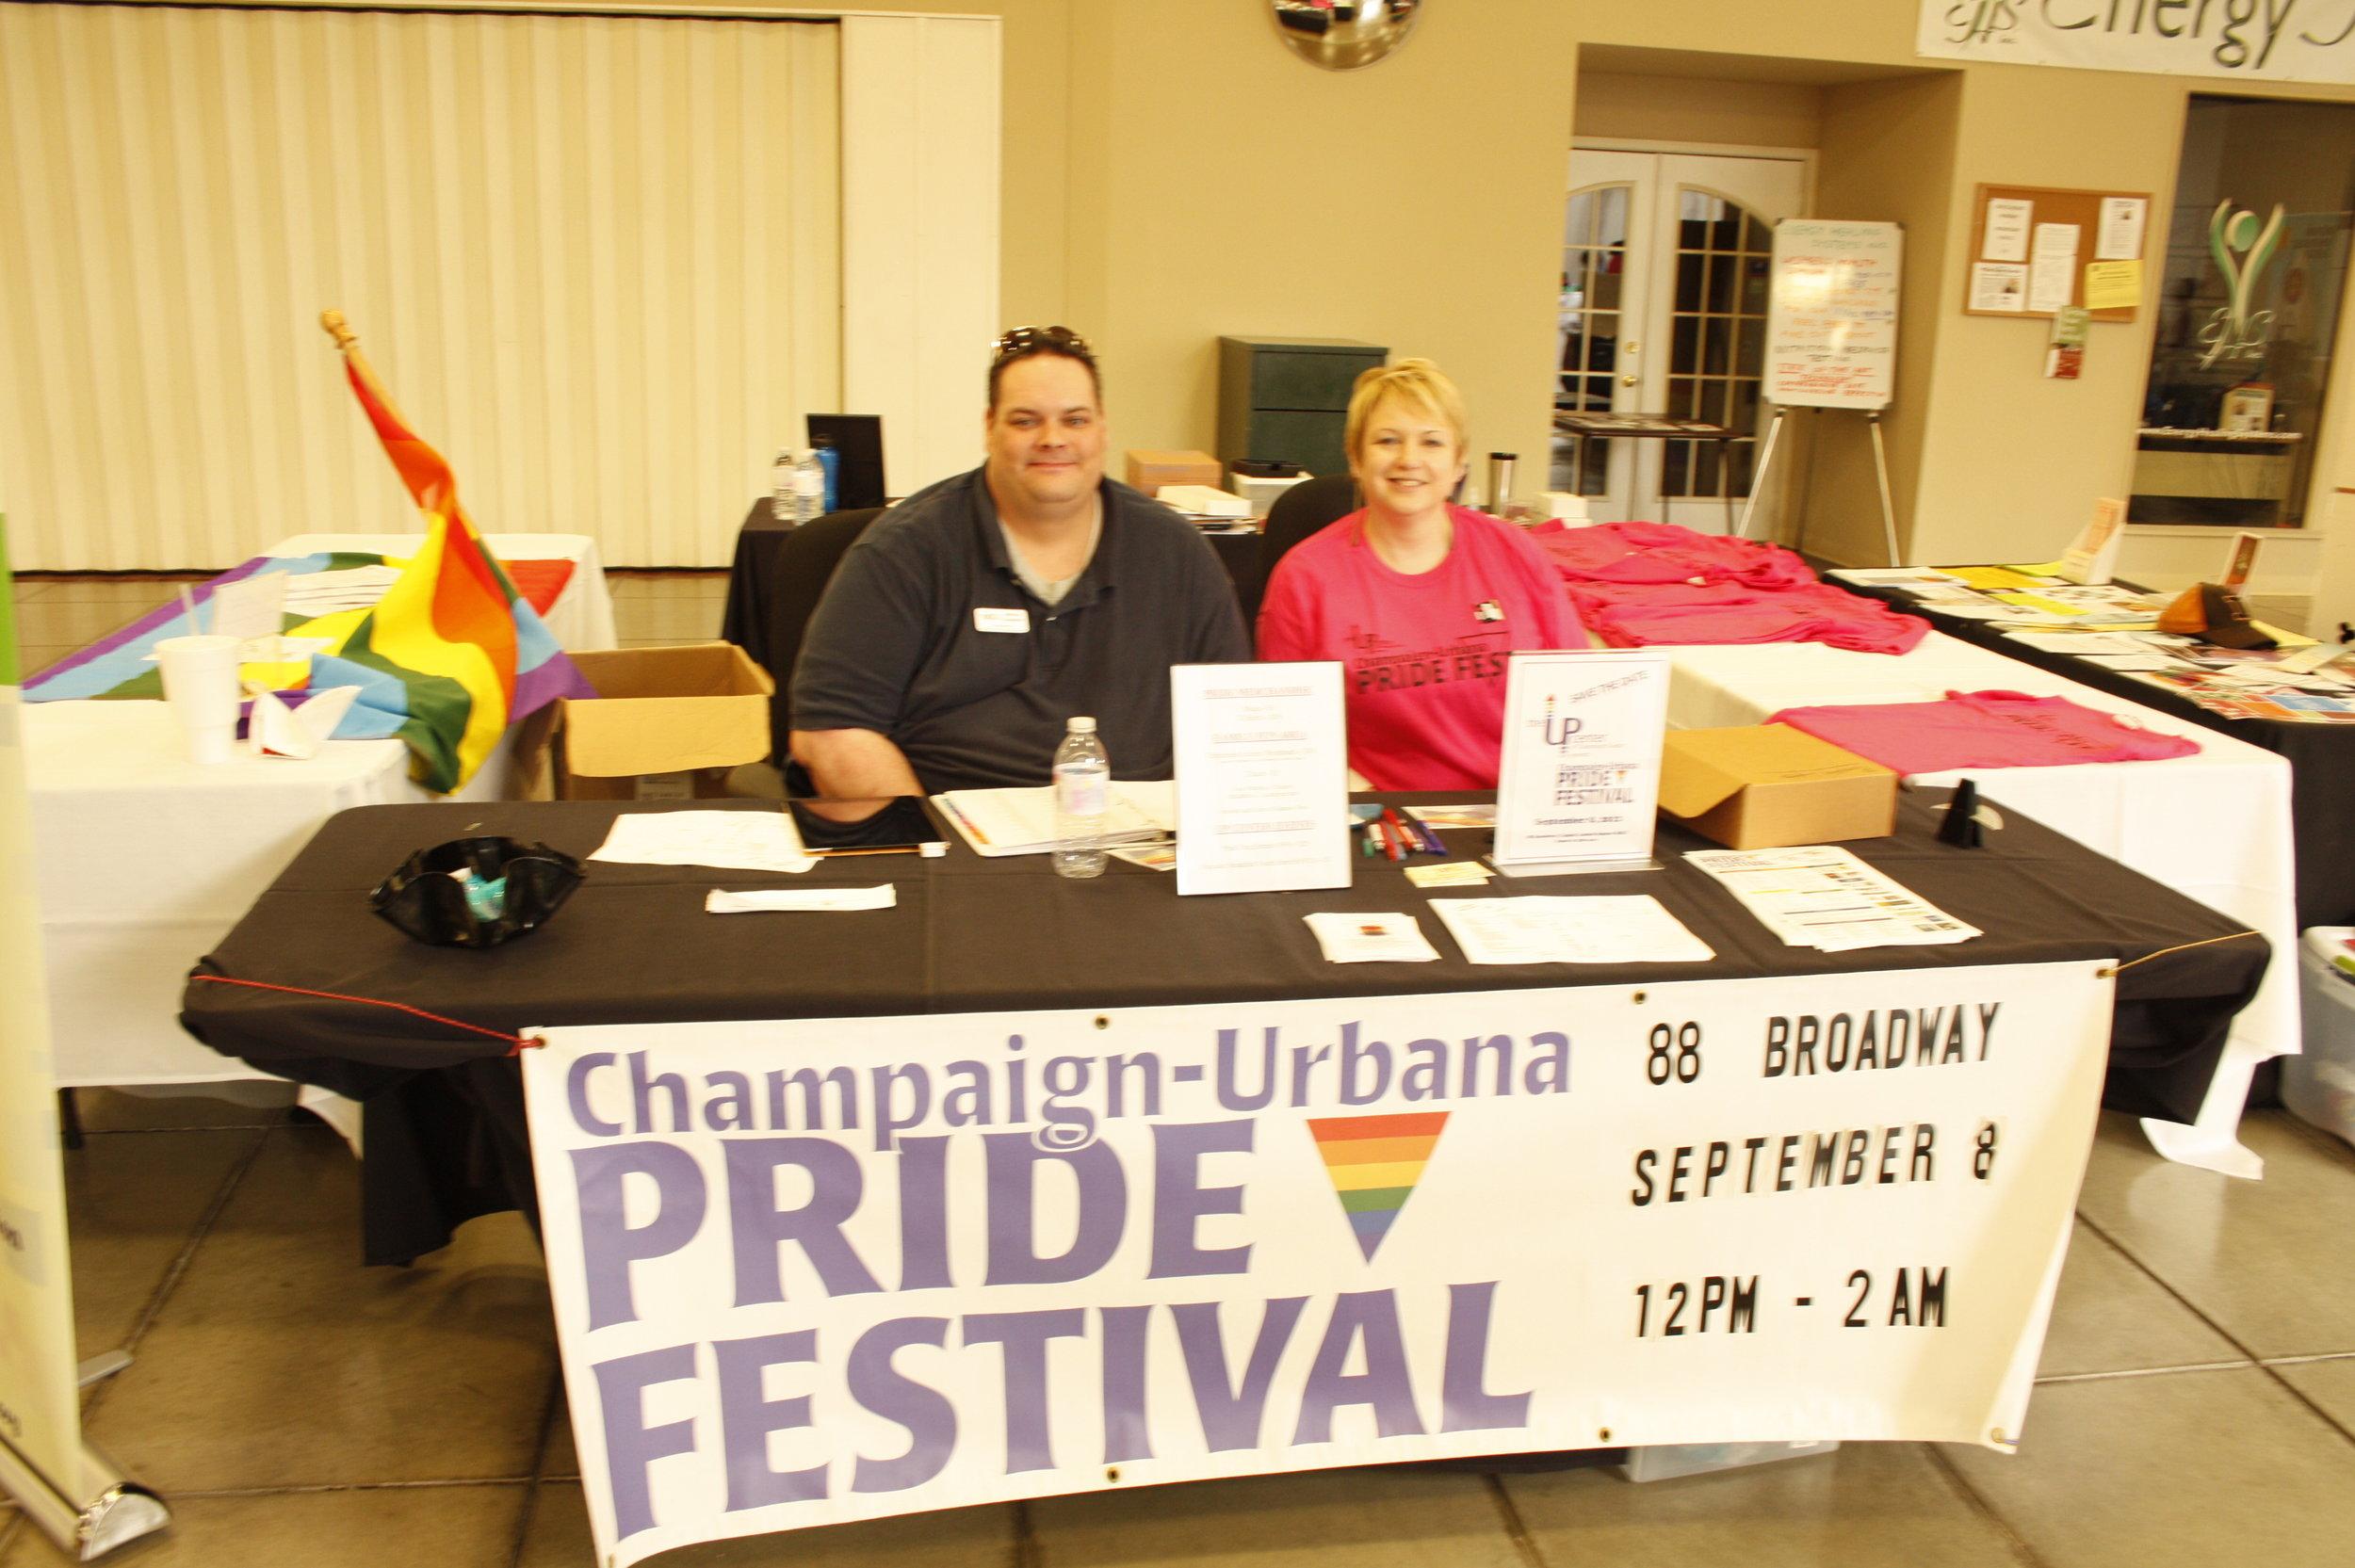 pridefest201220120908_0041.JPG